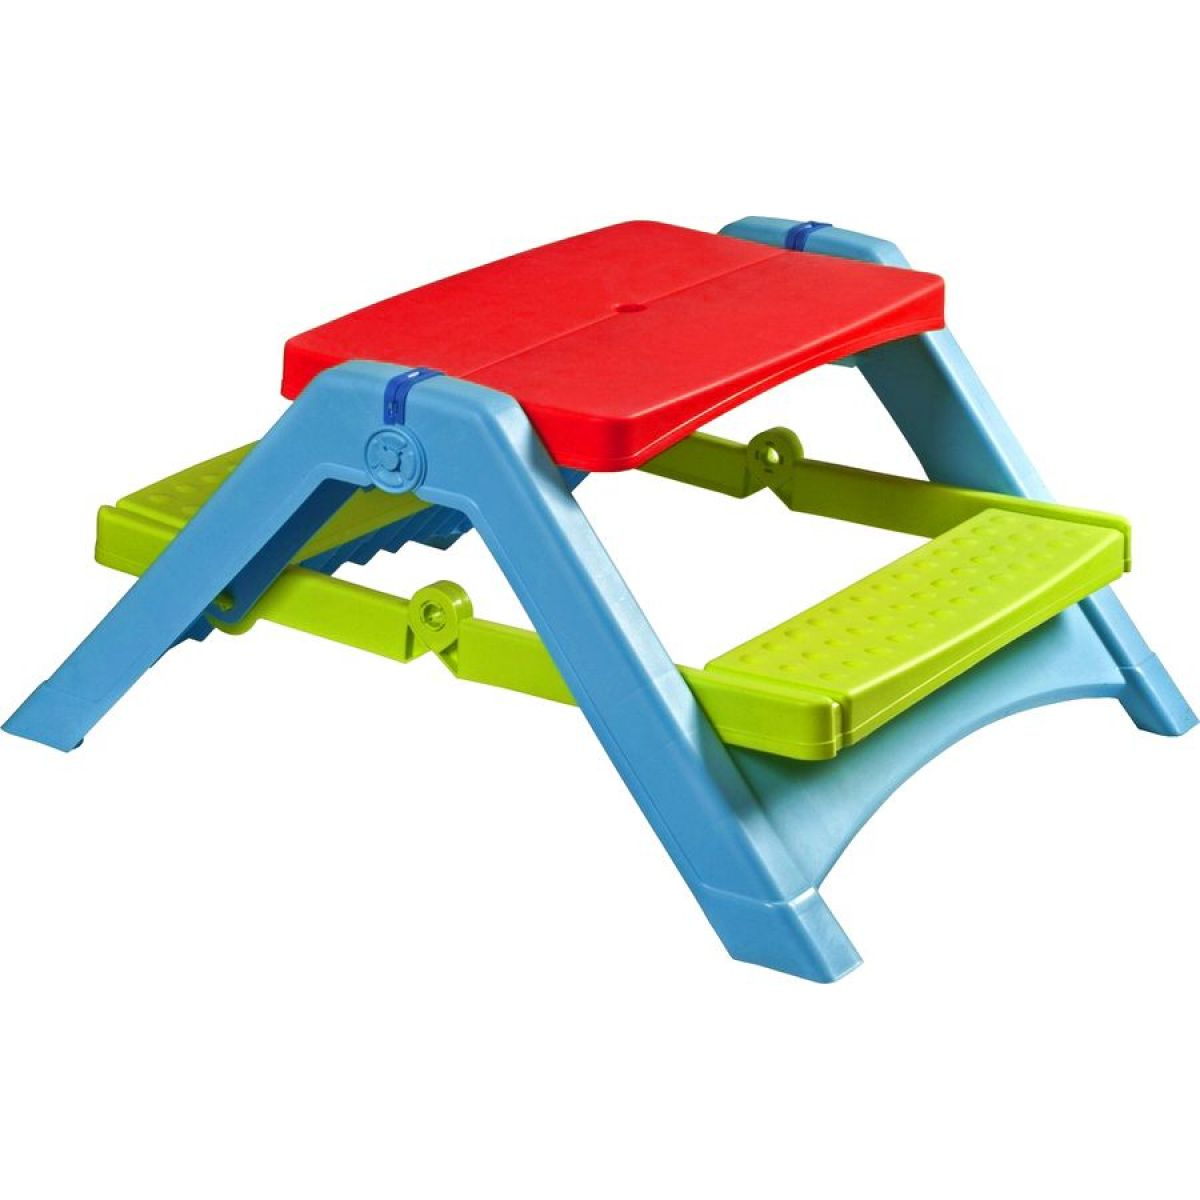 Marian Plast Piknikový stolček skladací